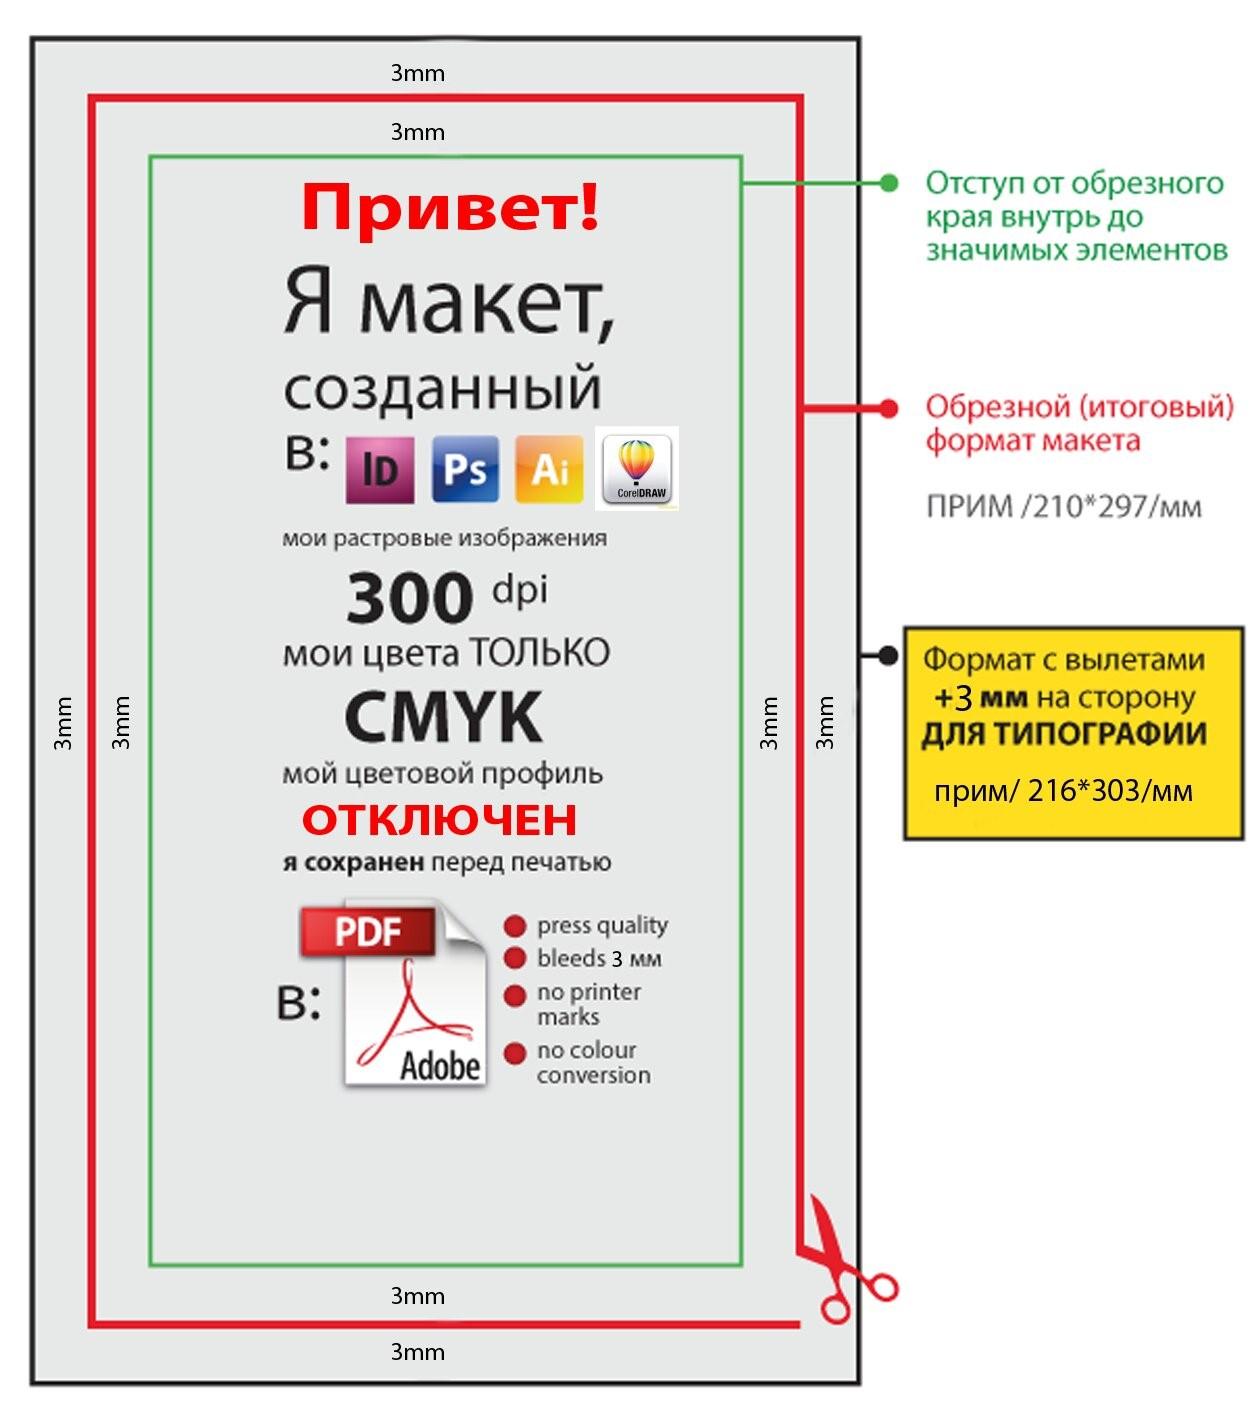 Технологические требования к макетам в Москве | фото 4